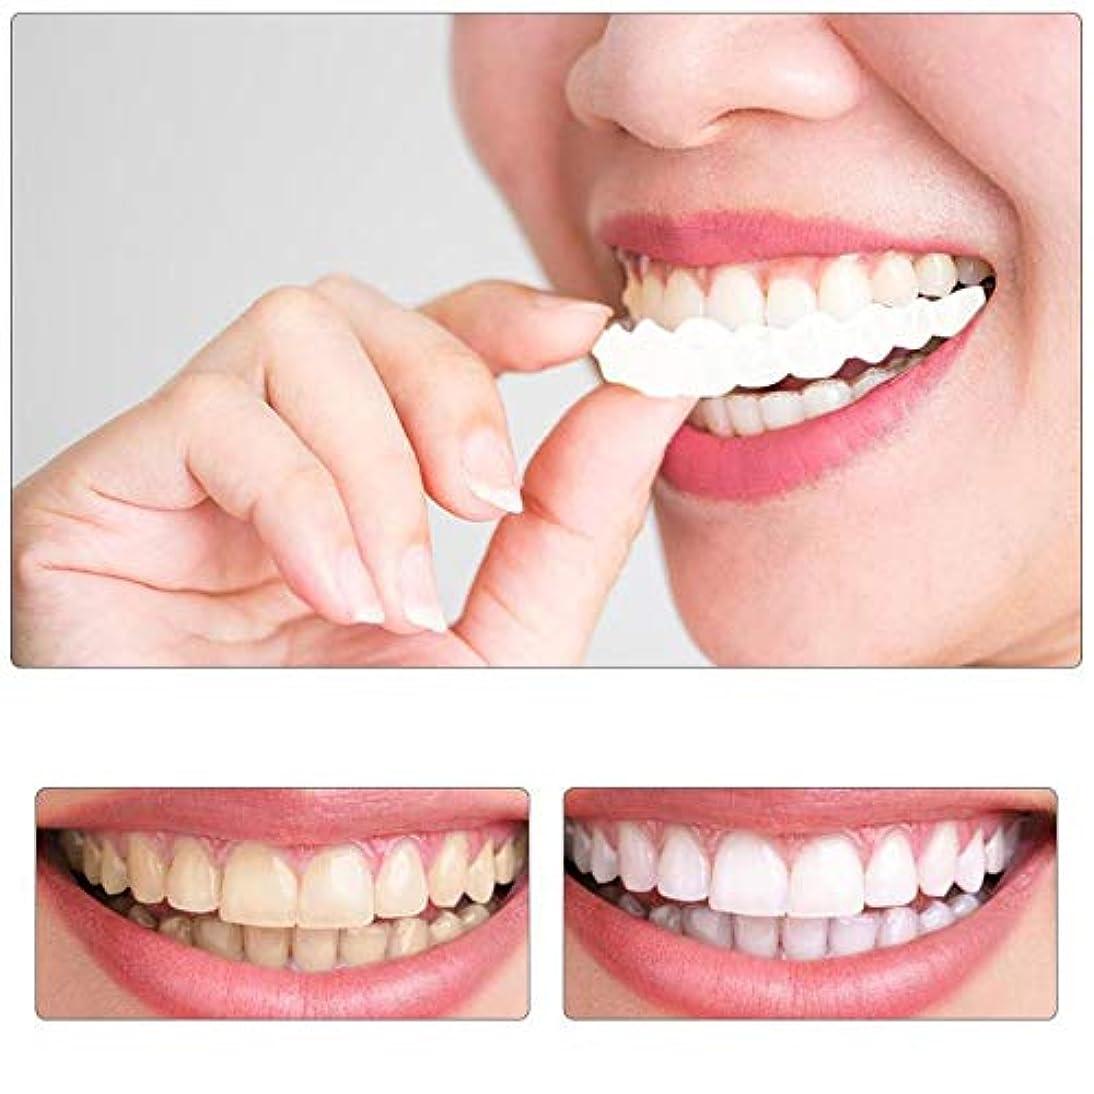 ひいきにする曲テンション1ペア偽歯上部偽偽歯カバースナップオン即時歯化粧品義歯ケアオーラルケアプラスチックホワイトニング義歯